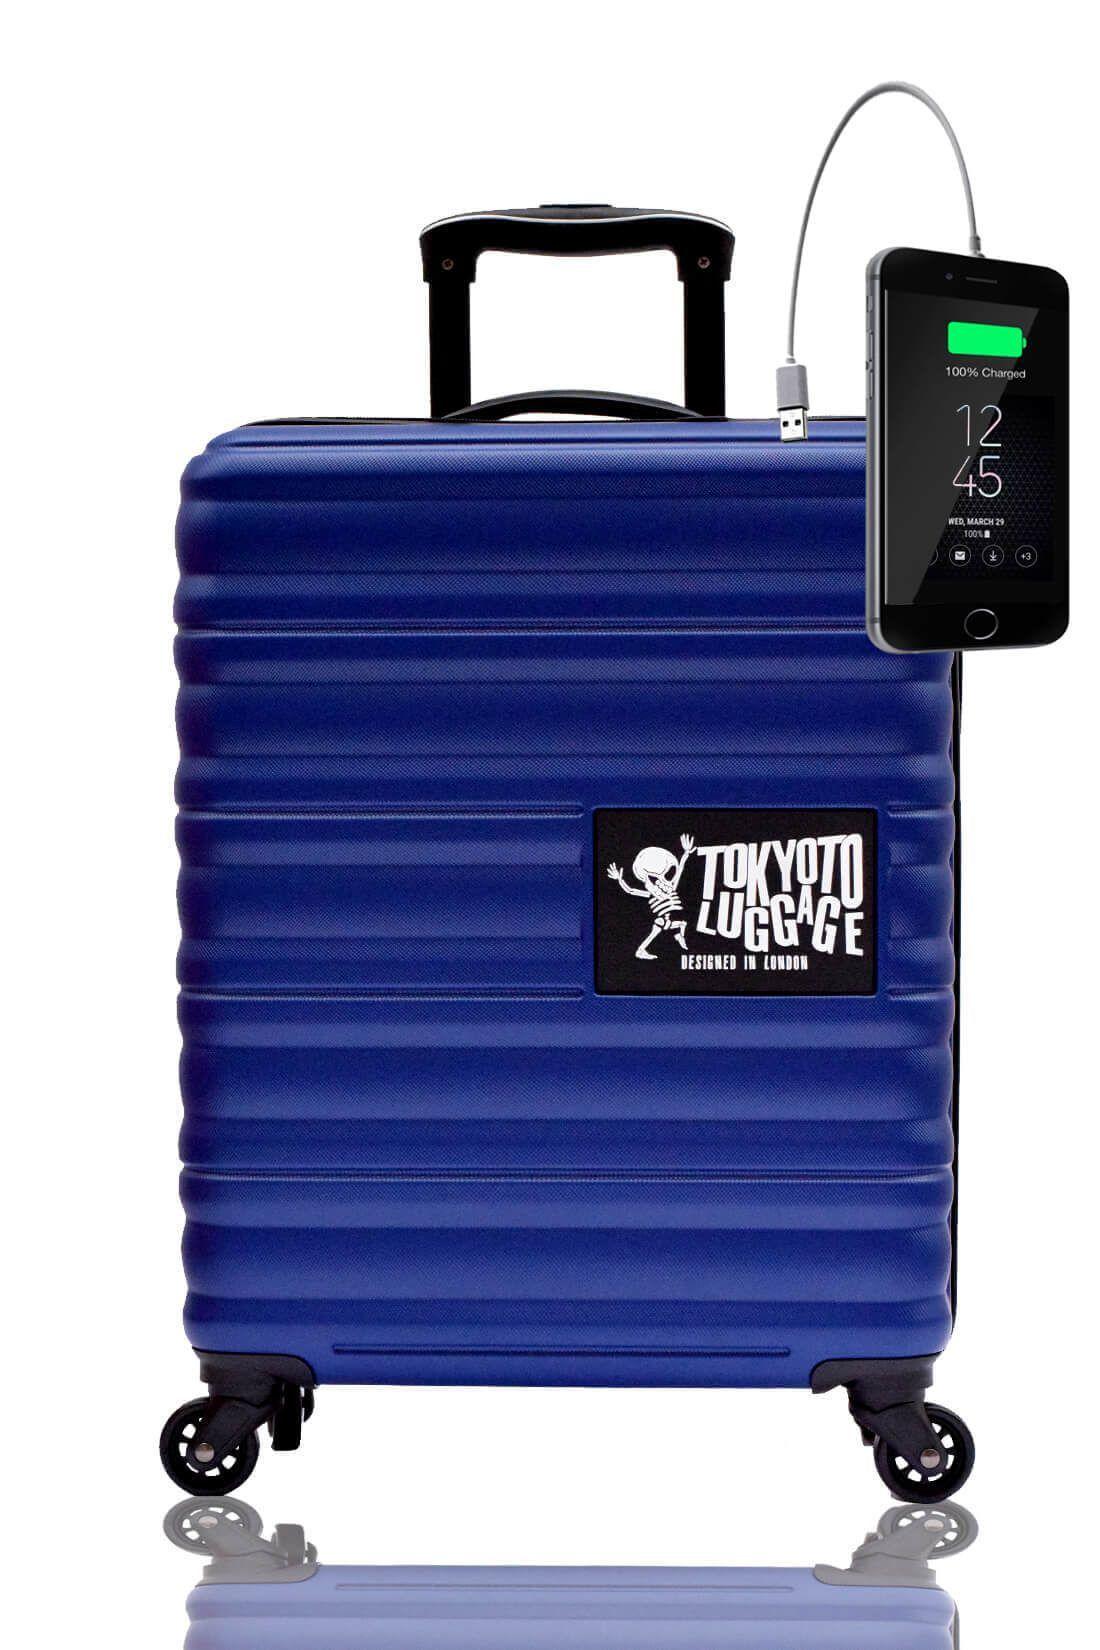 BLUE MARINE Maleta de Cabina con Cargador para Movil